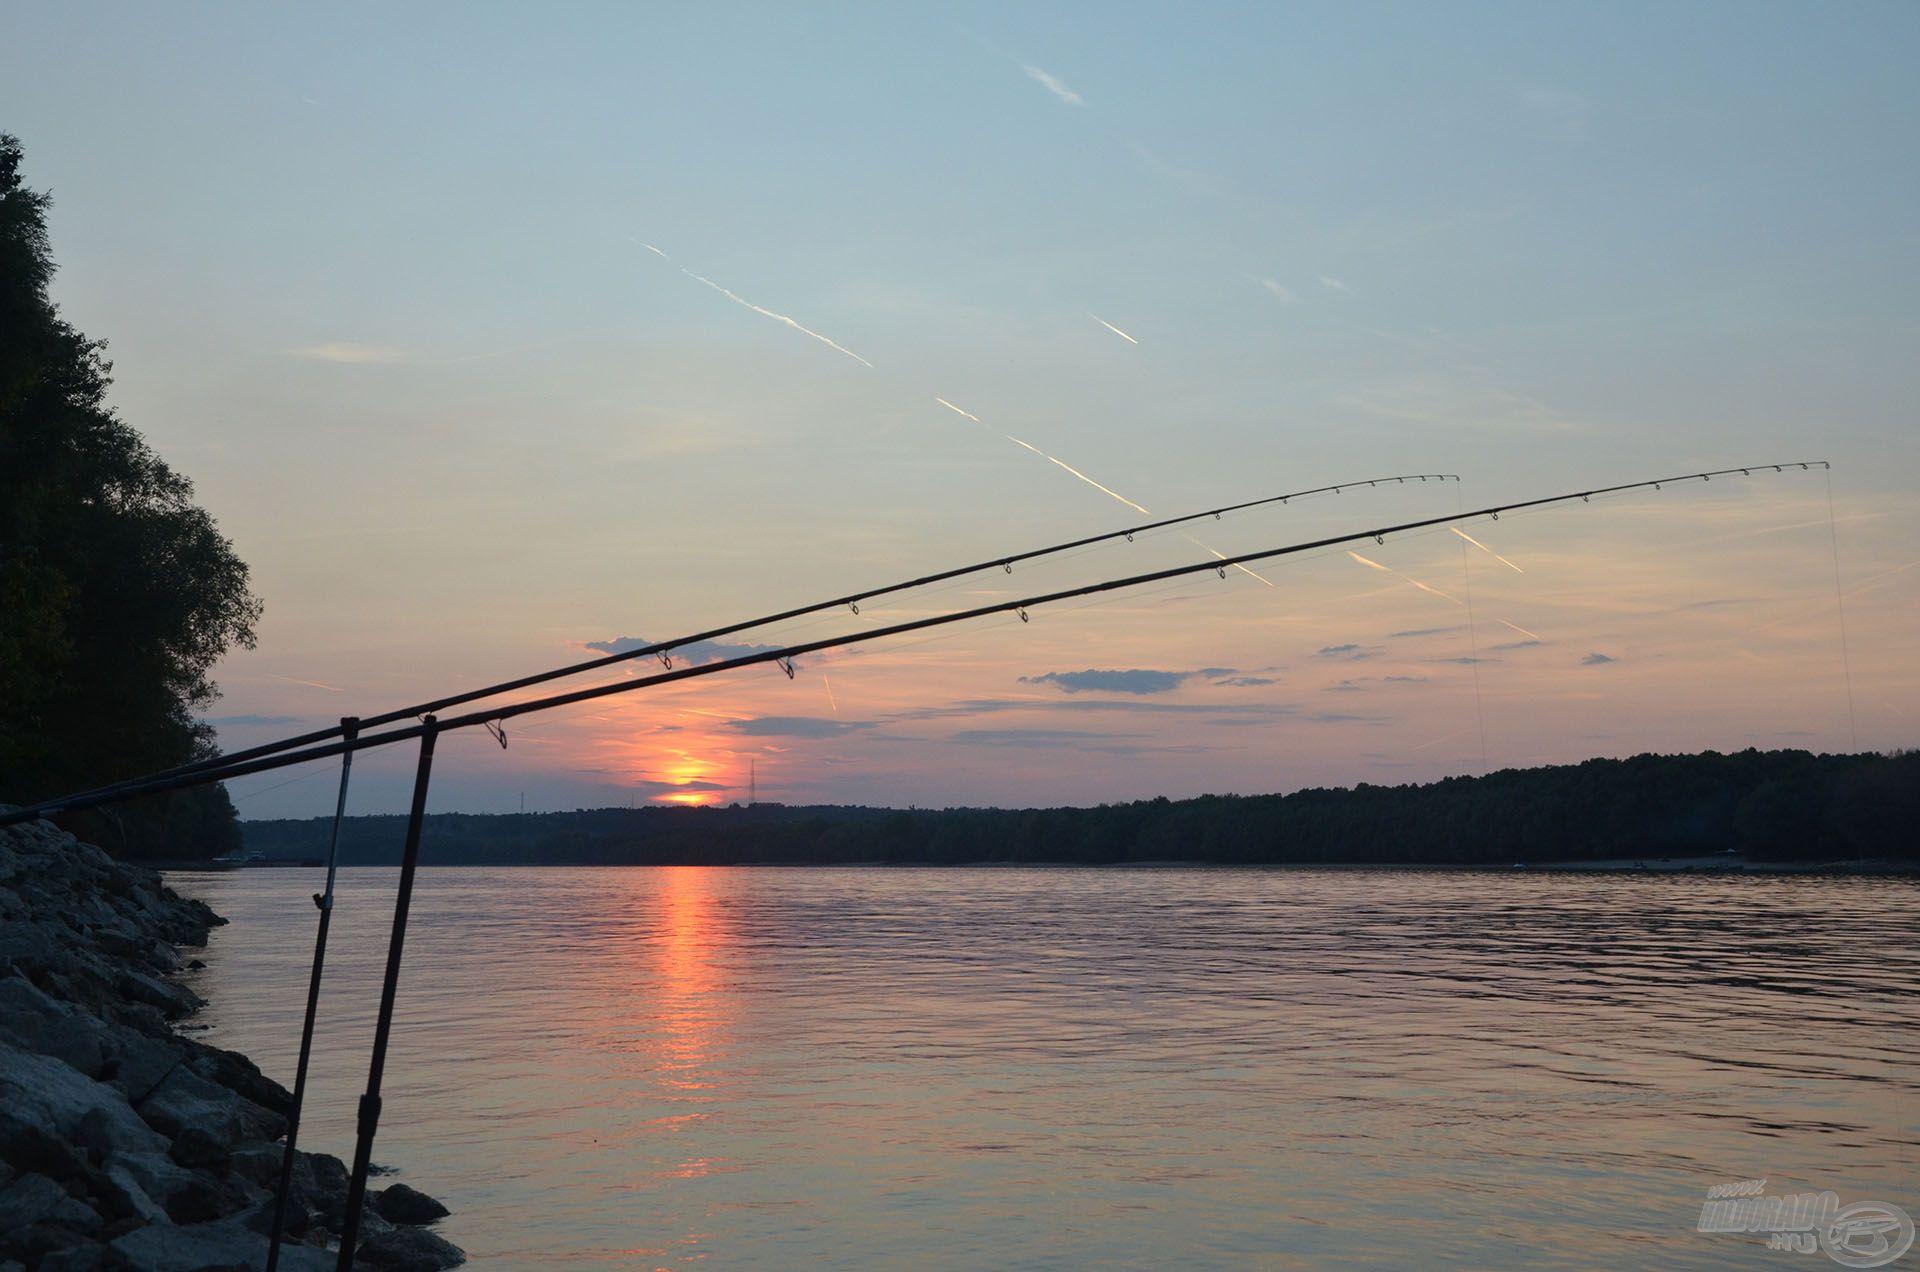 Az erős folyóvízi Master River feederbotok a legnagyobb halakkal is megbirkóznak